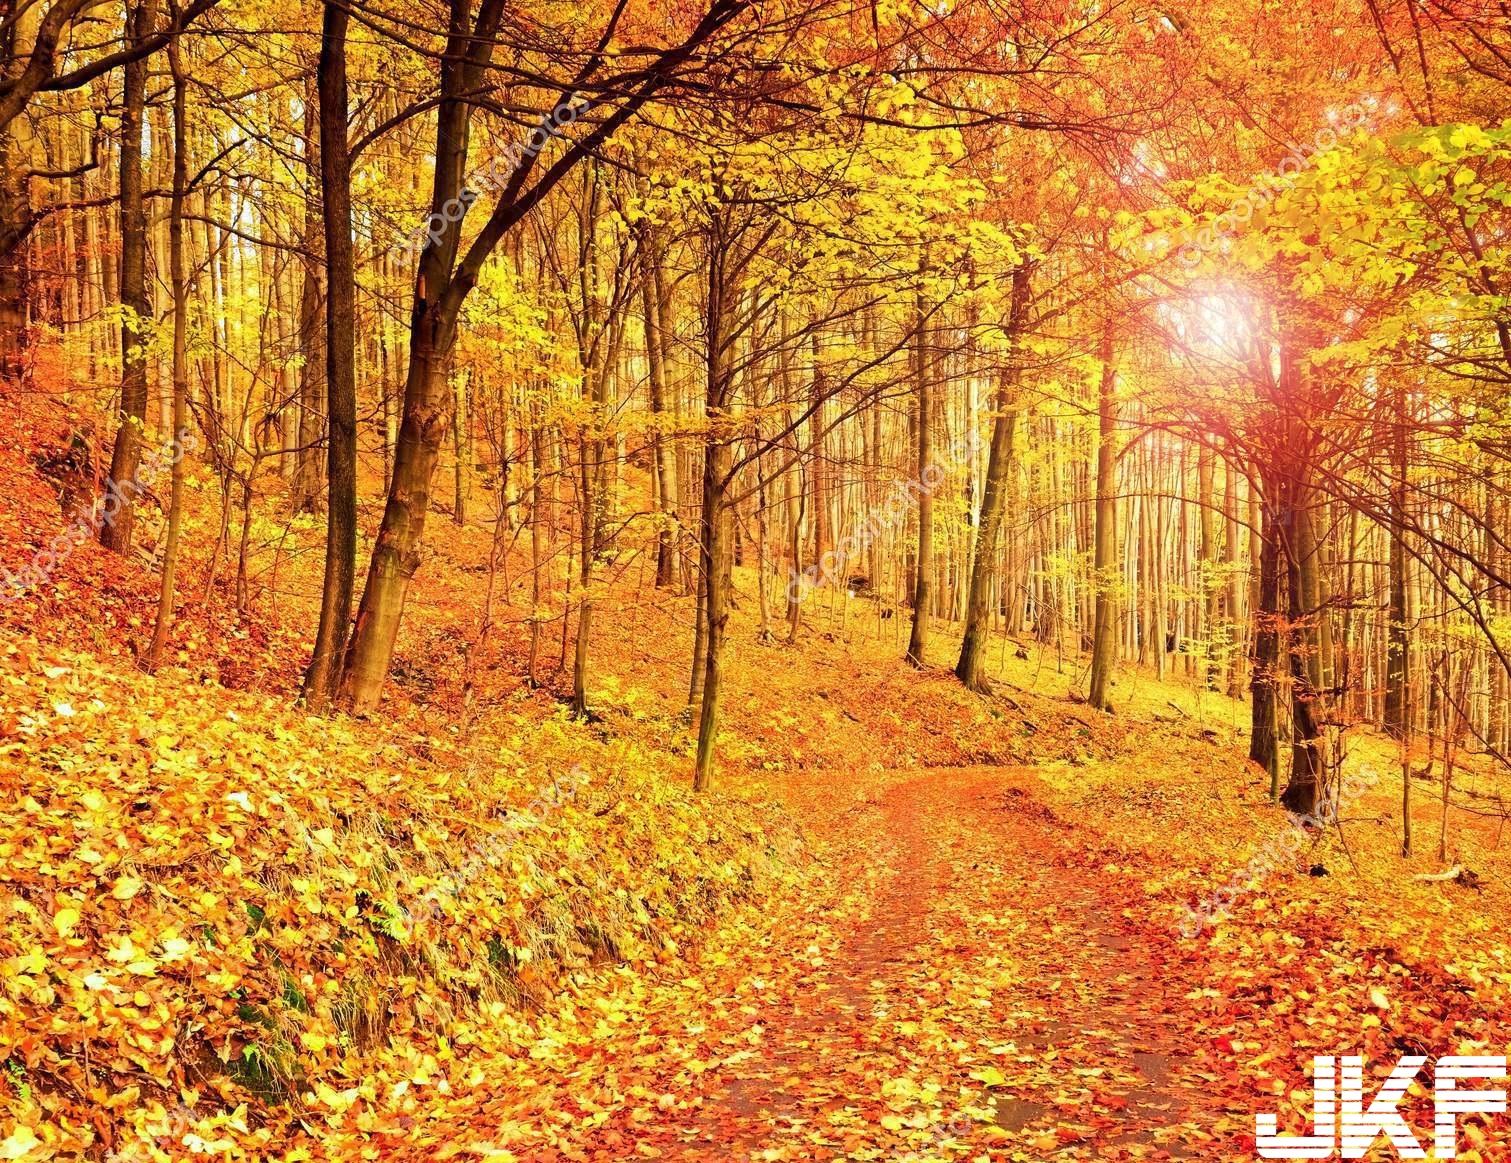 depositphotos_136455778-stock-photo-forest-road-in-autumn-autumn.jpg